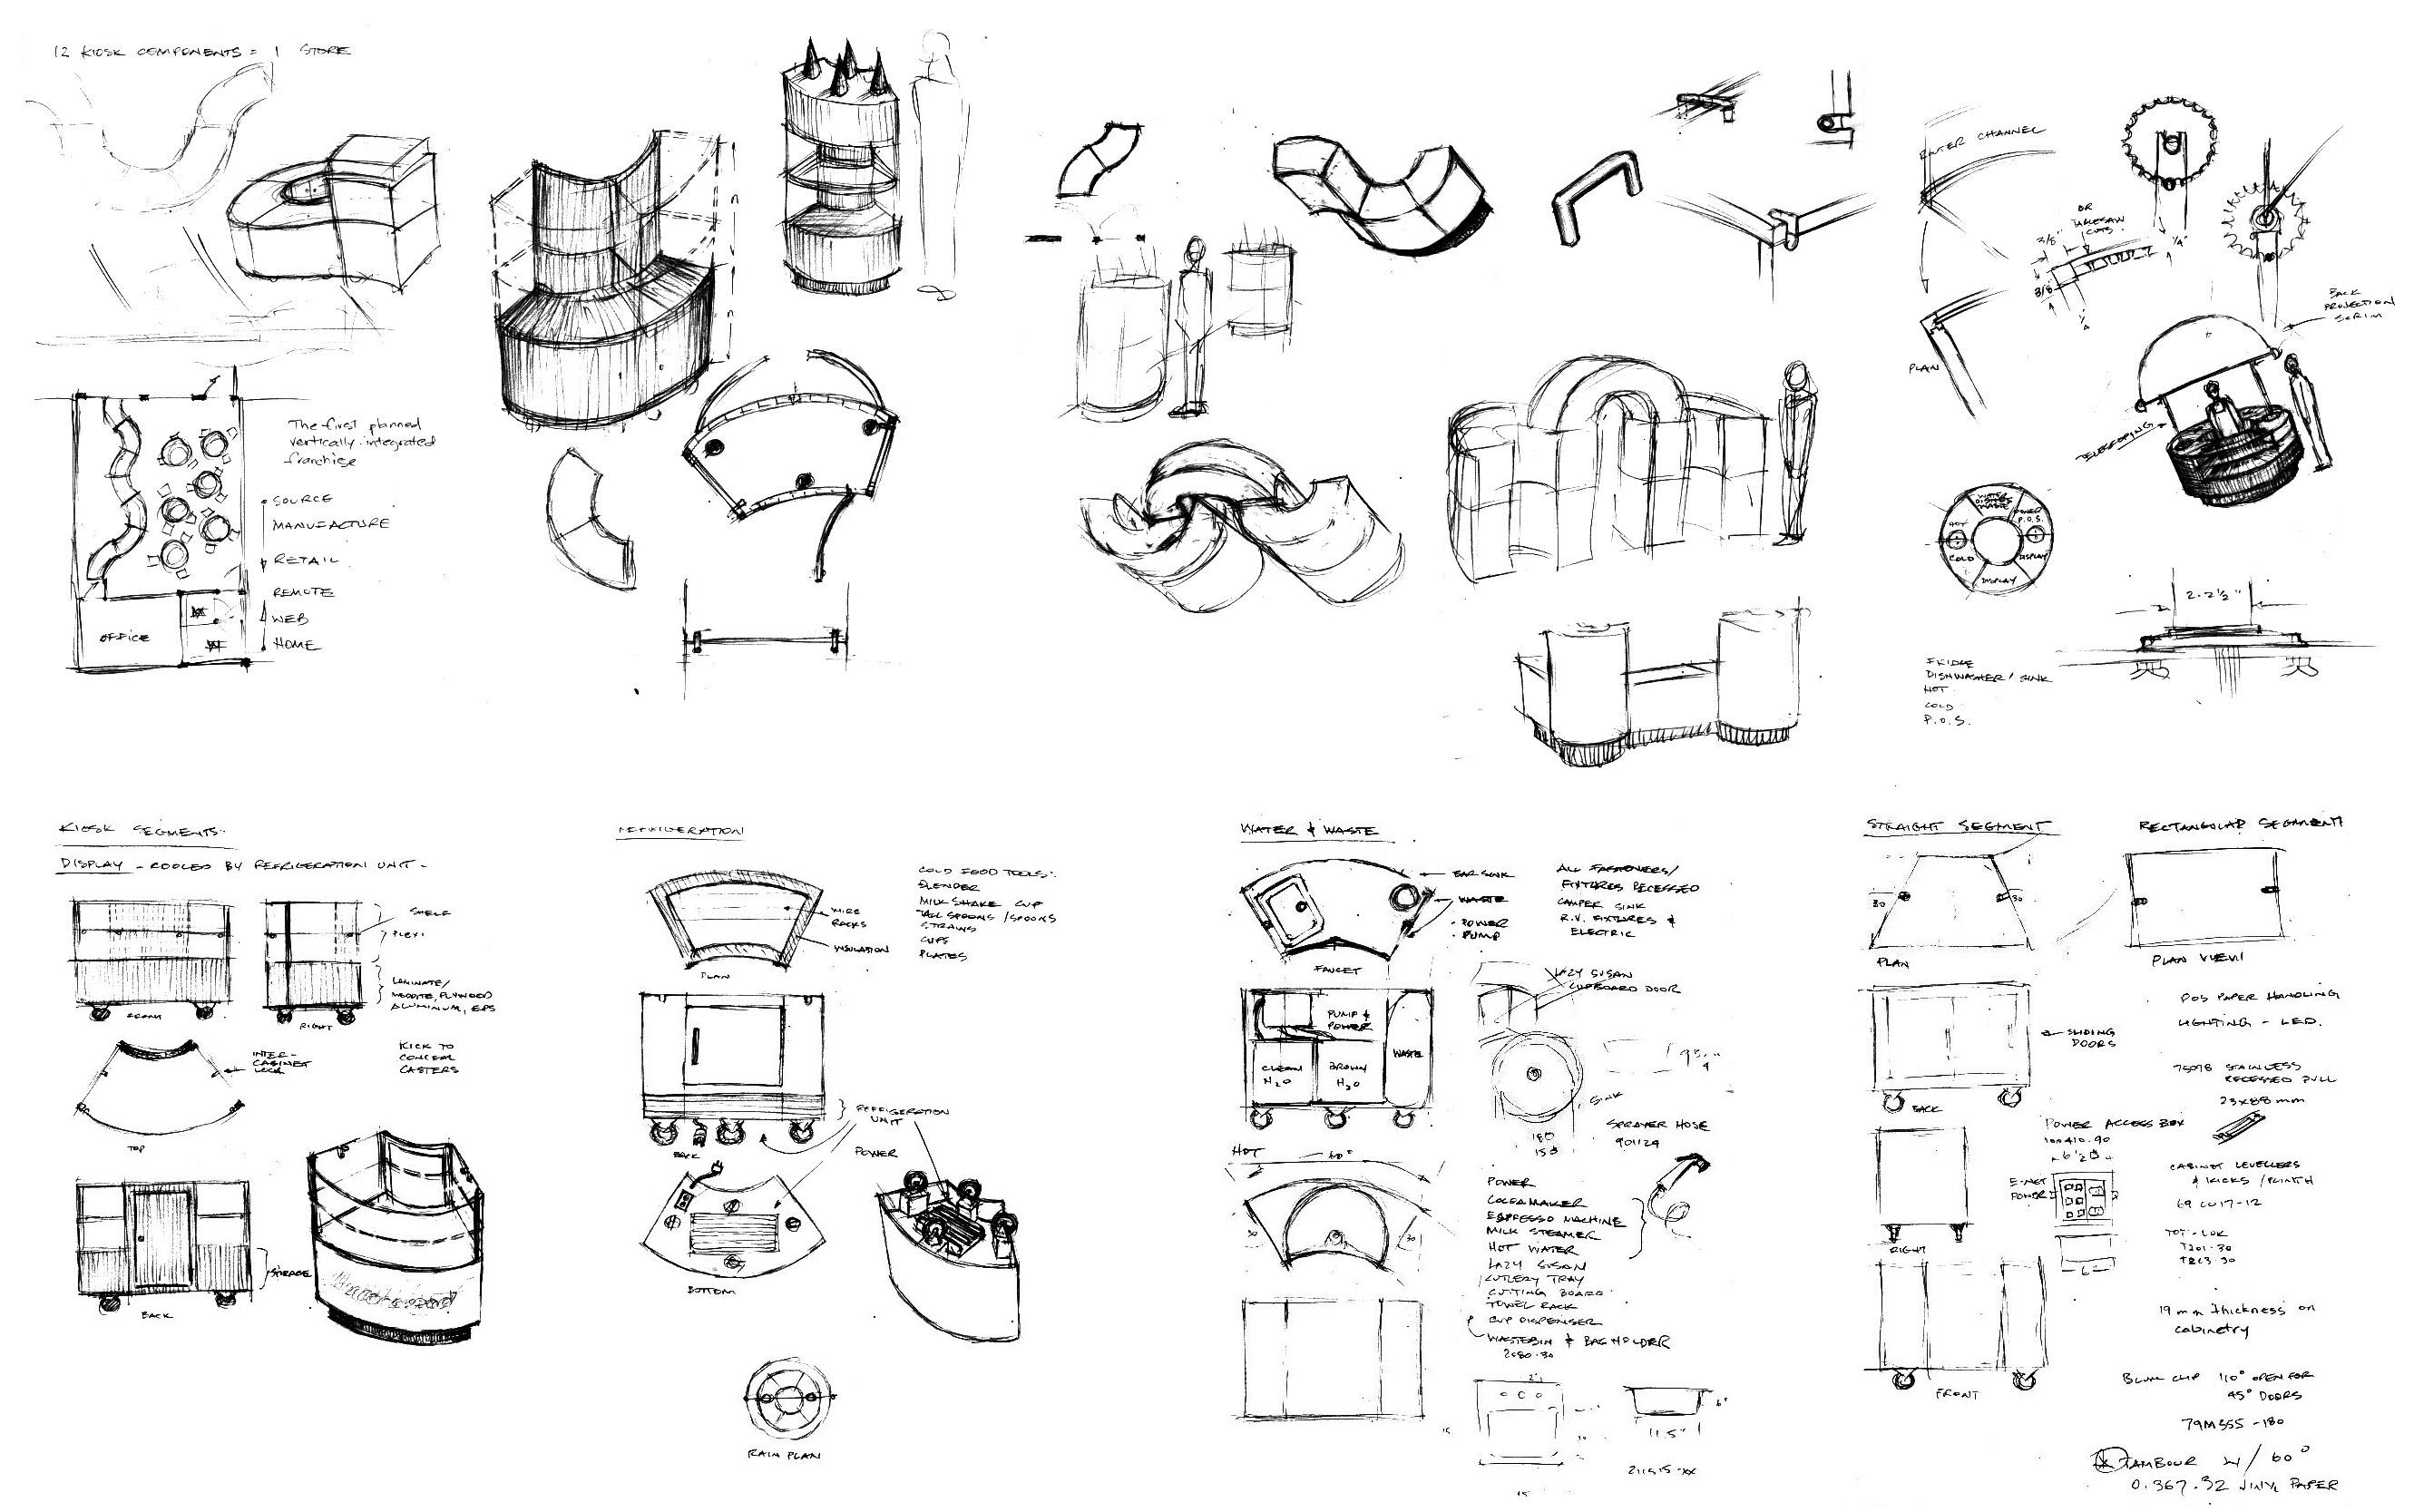 Xoxolatl kiosk concept sketches